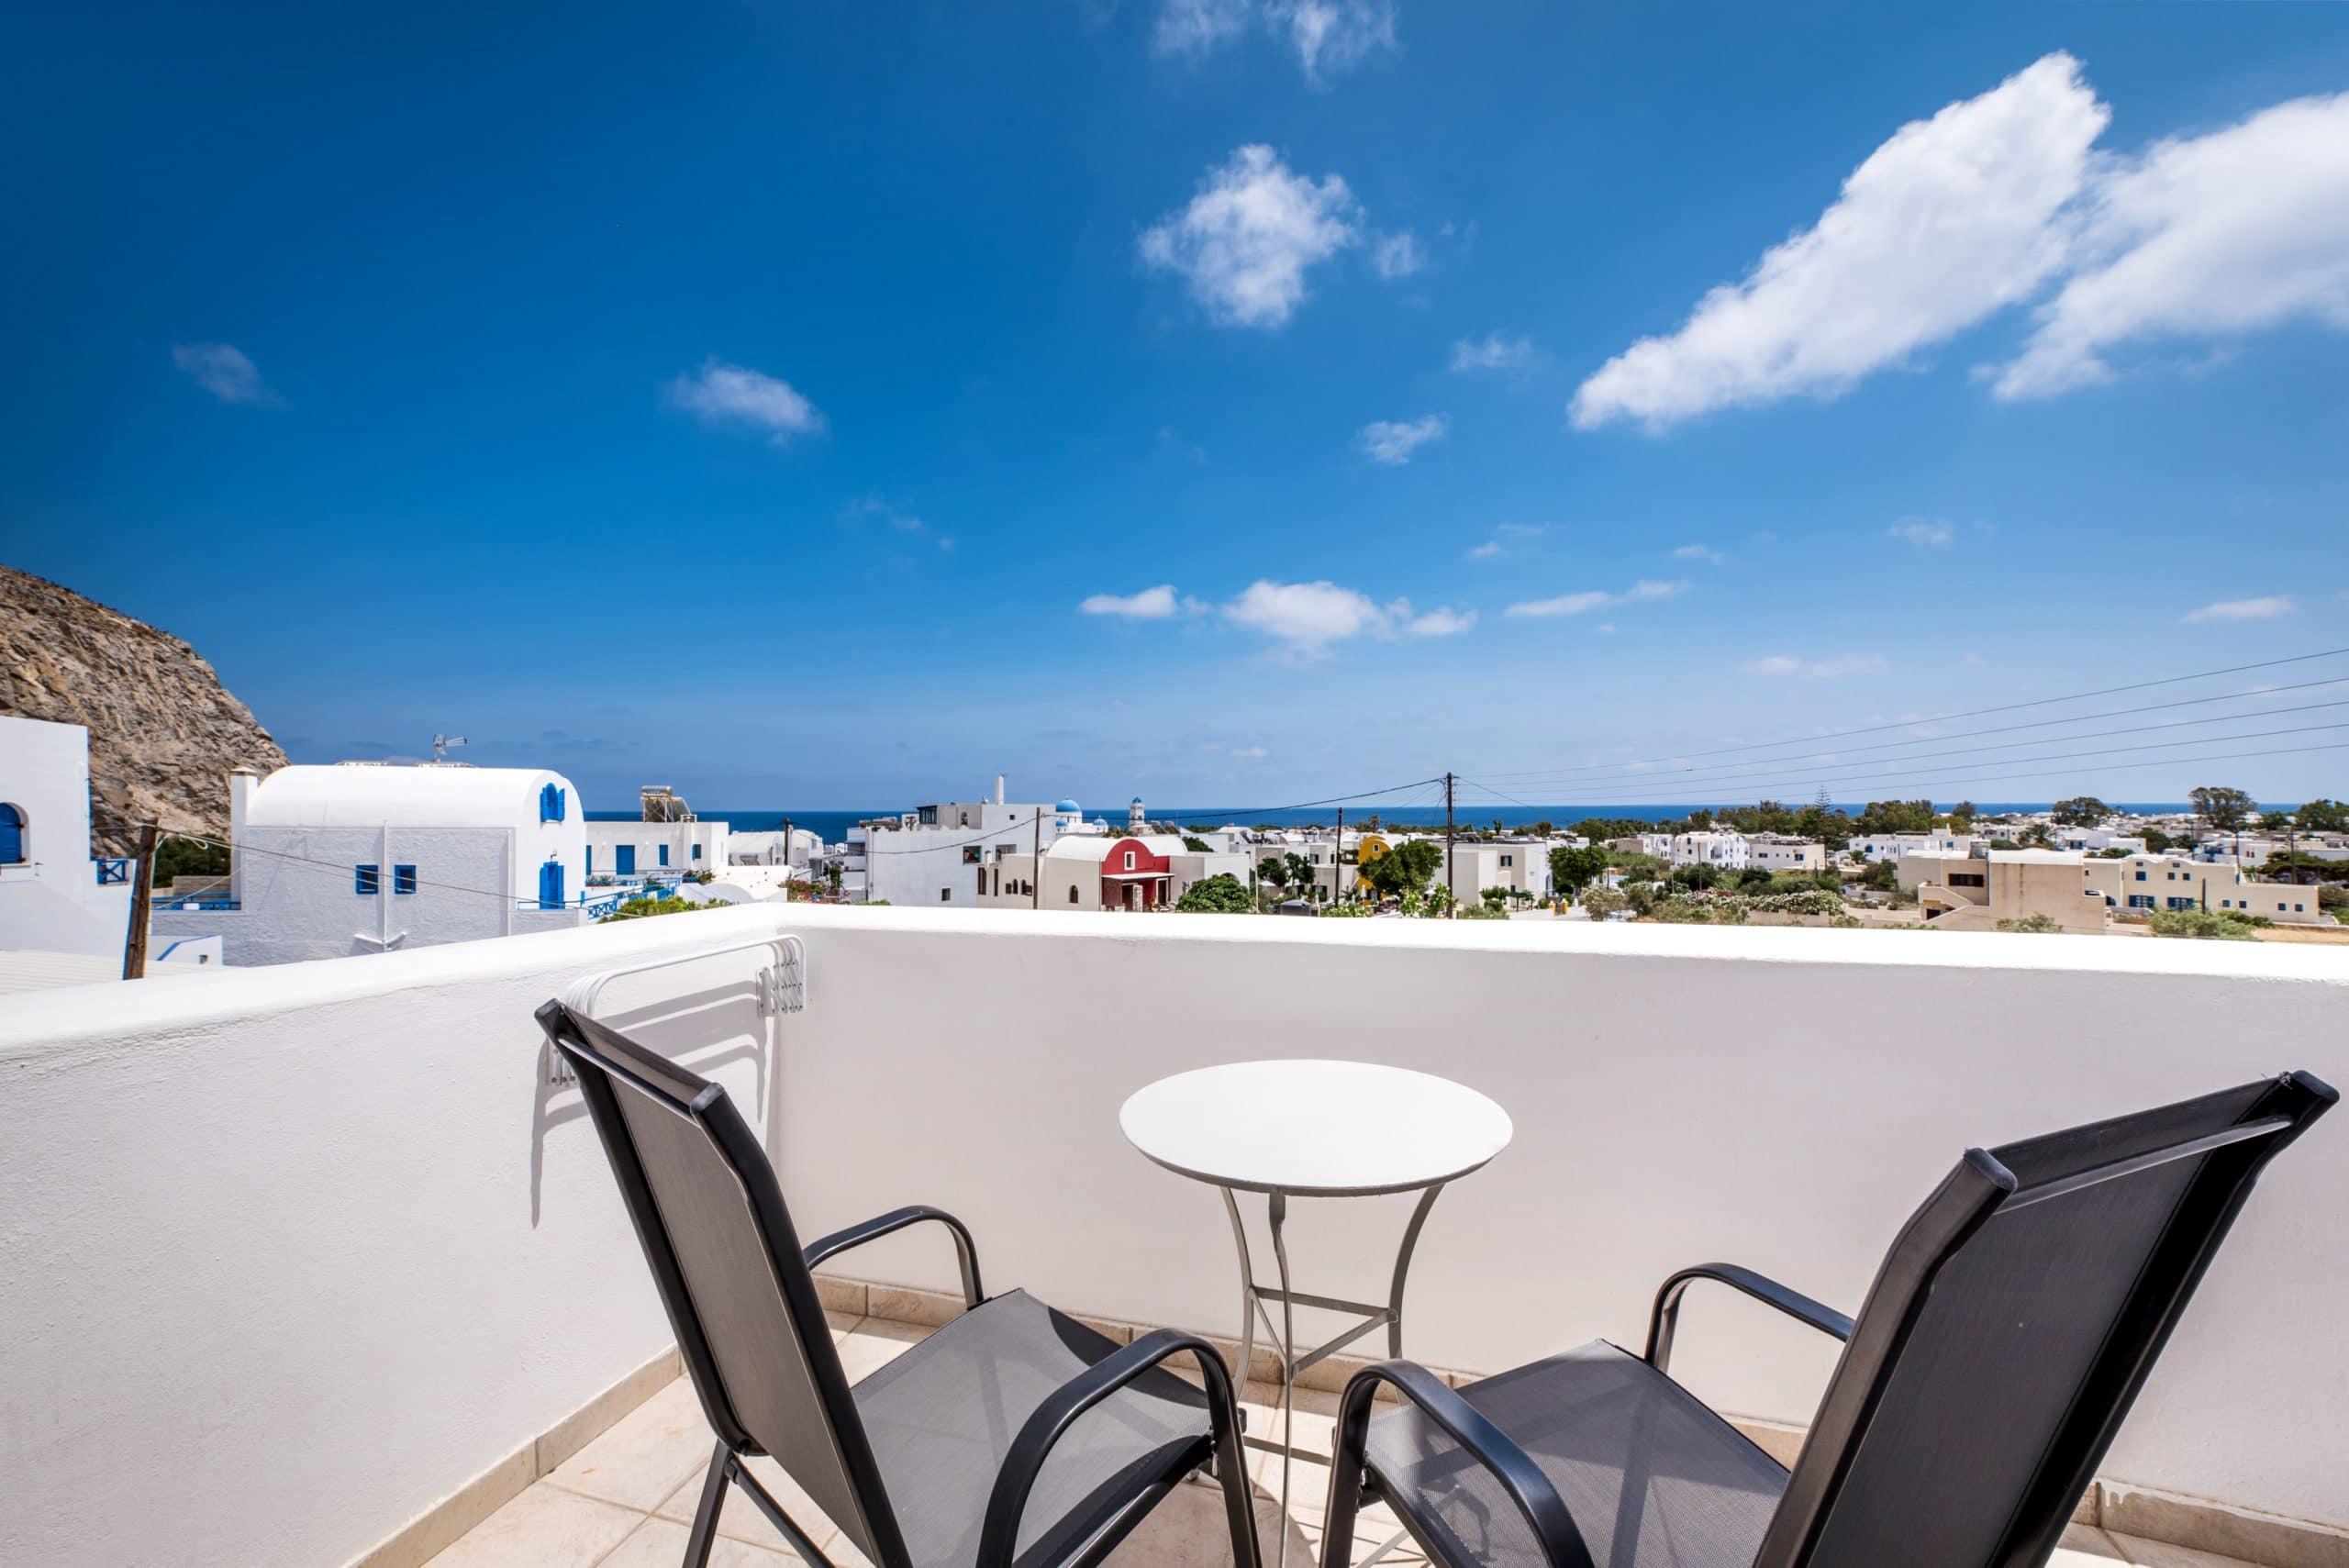 Hotel in Santorini